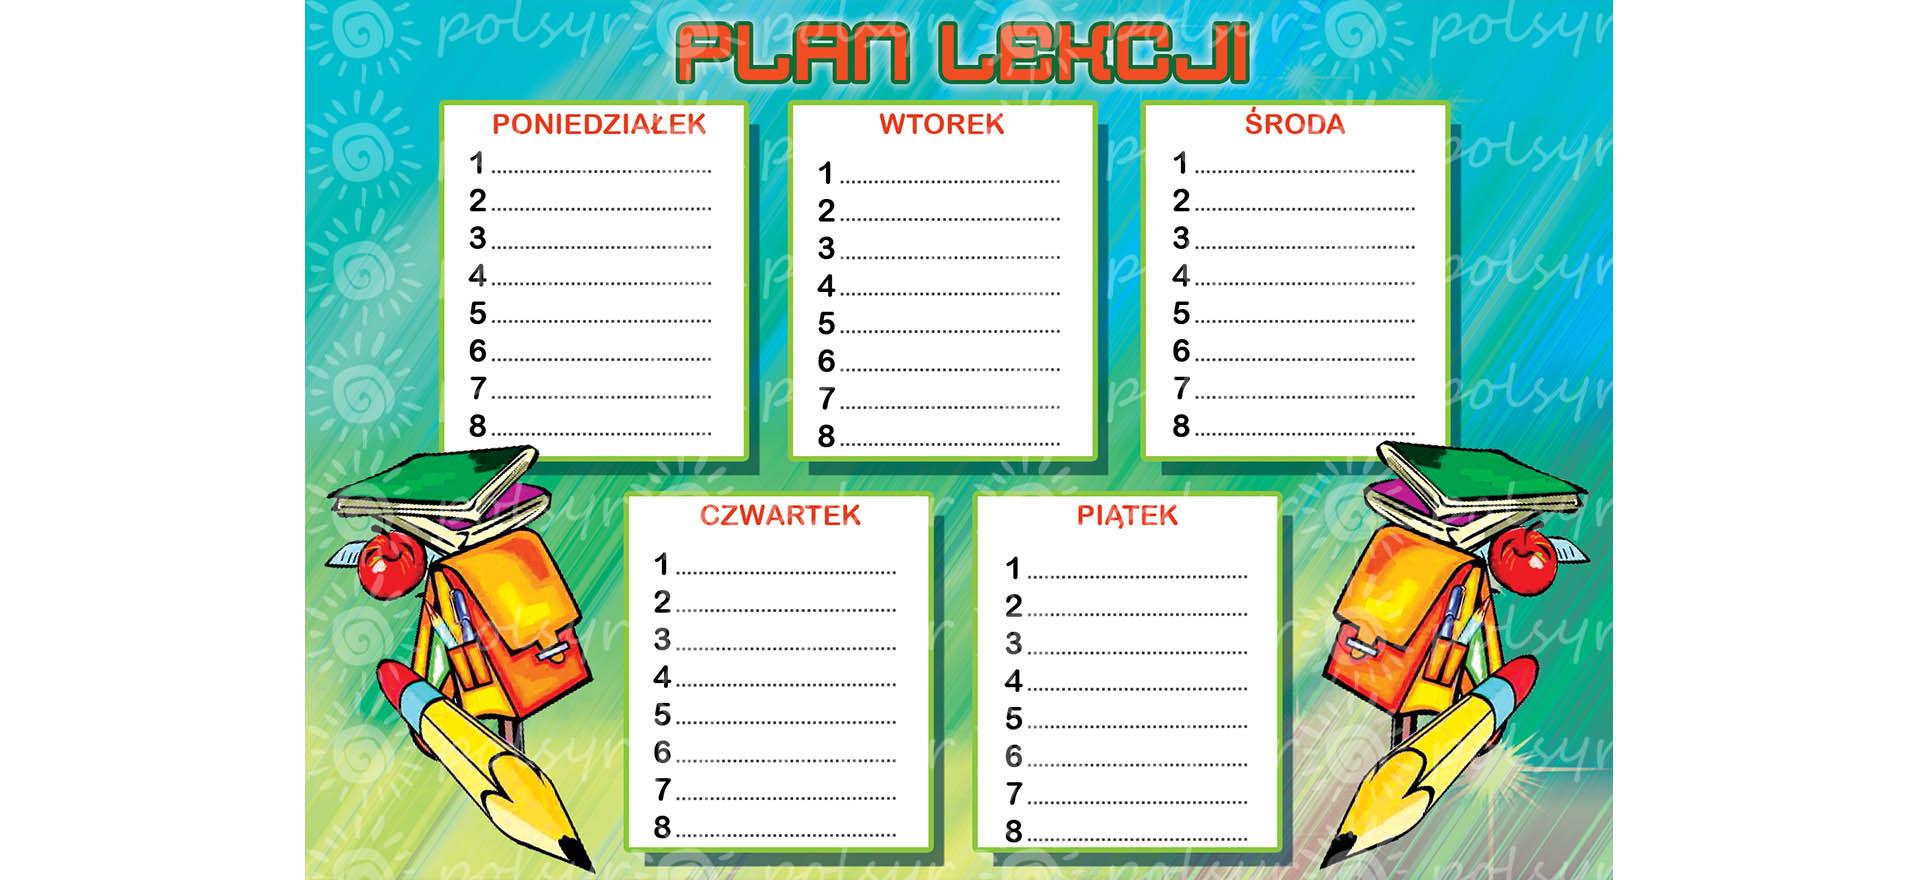 plan-lekcji-maly-polsyr-26